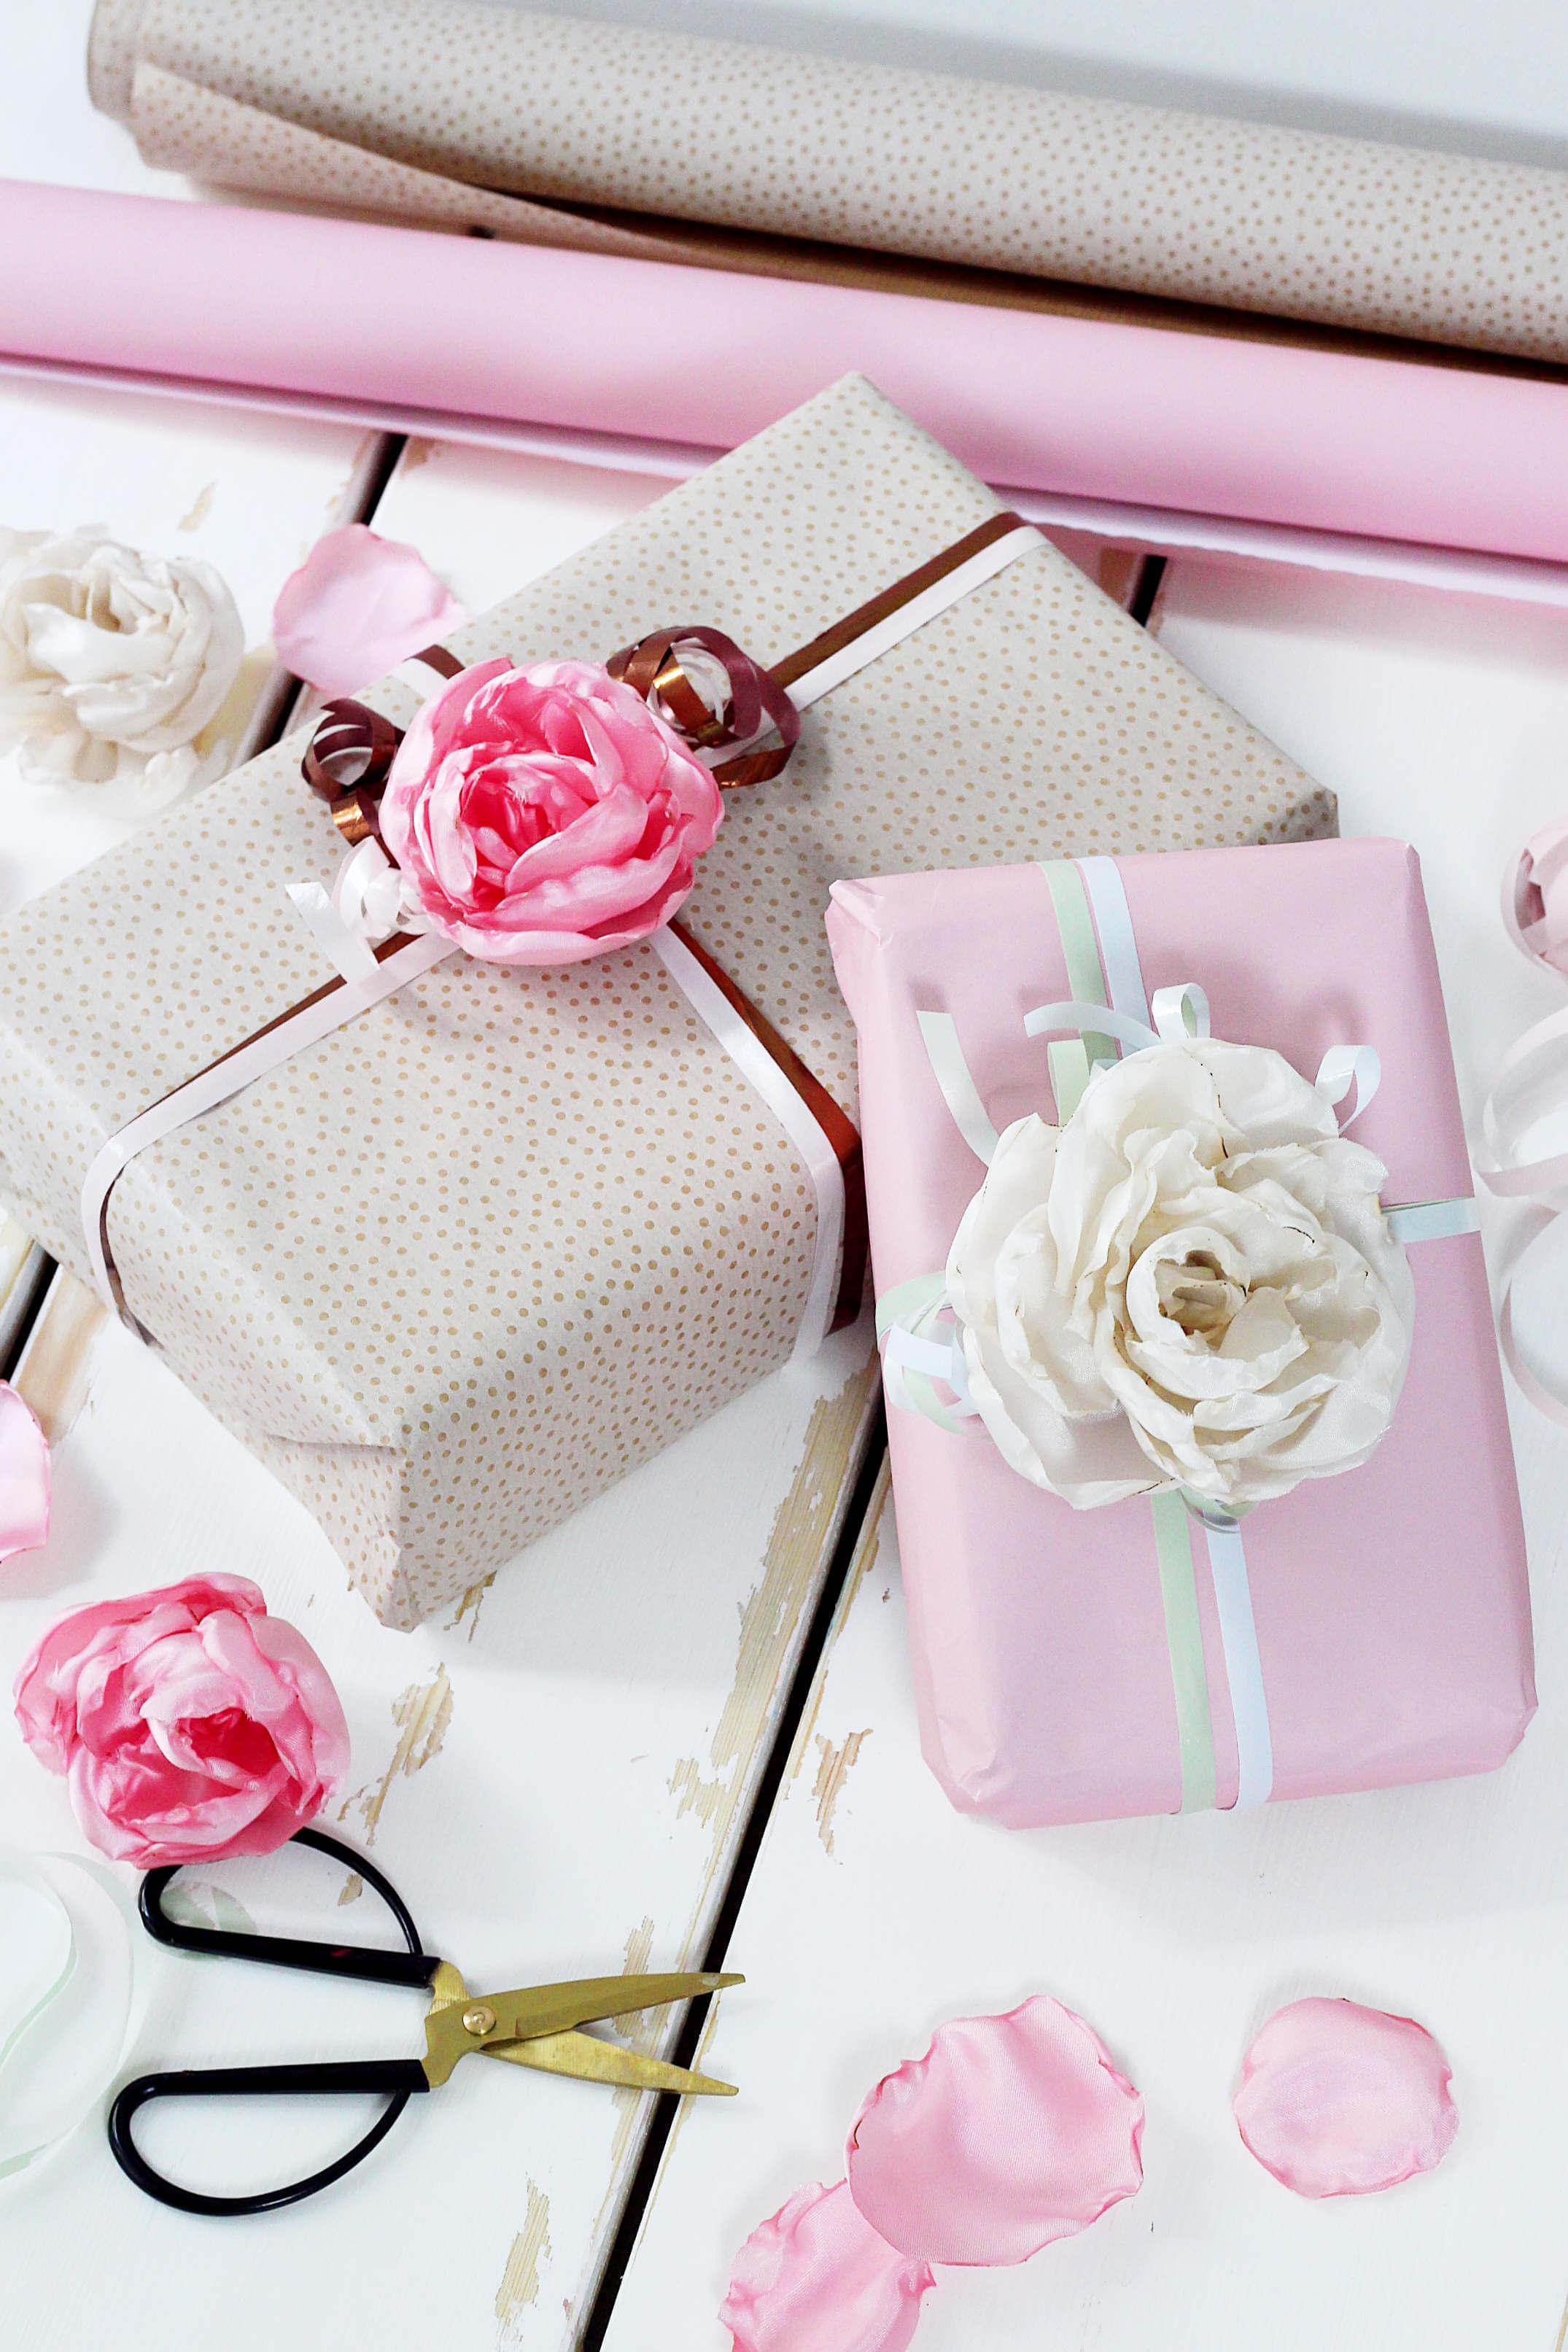 diy geschenke geschenkverpackung selbermachen deko diy blog - Diy Selber Machen